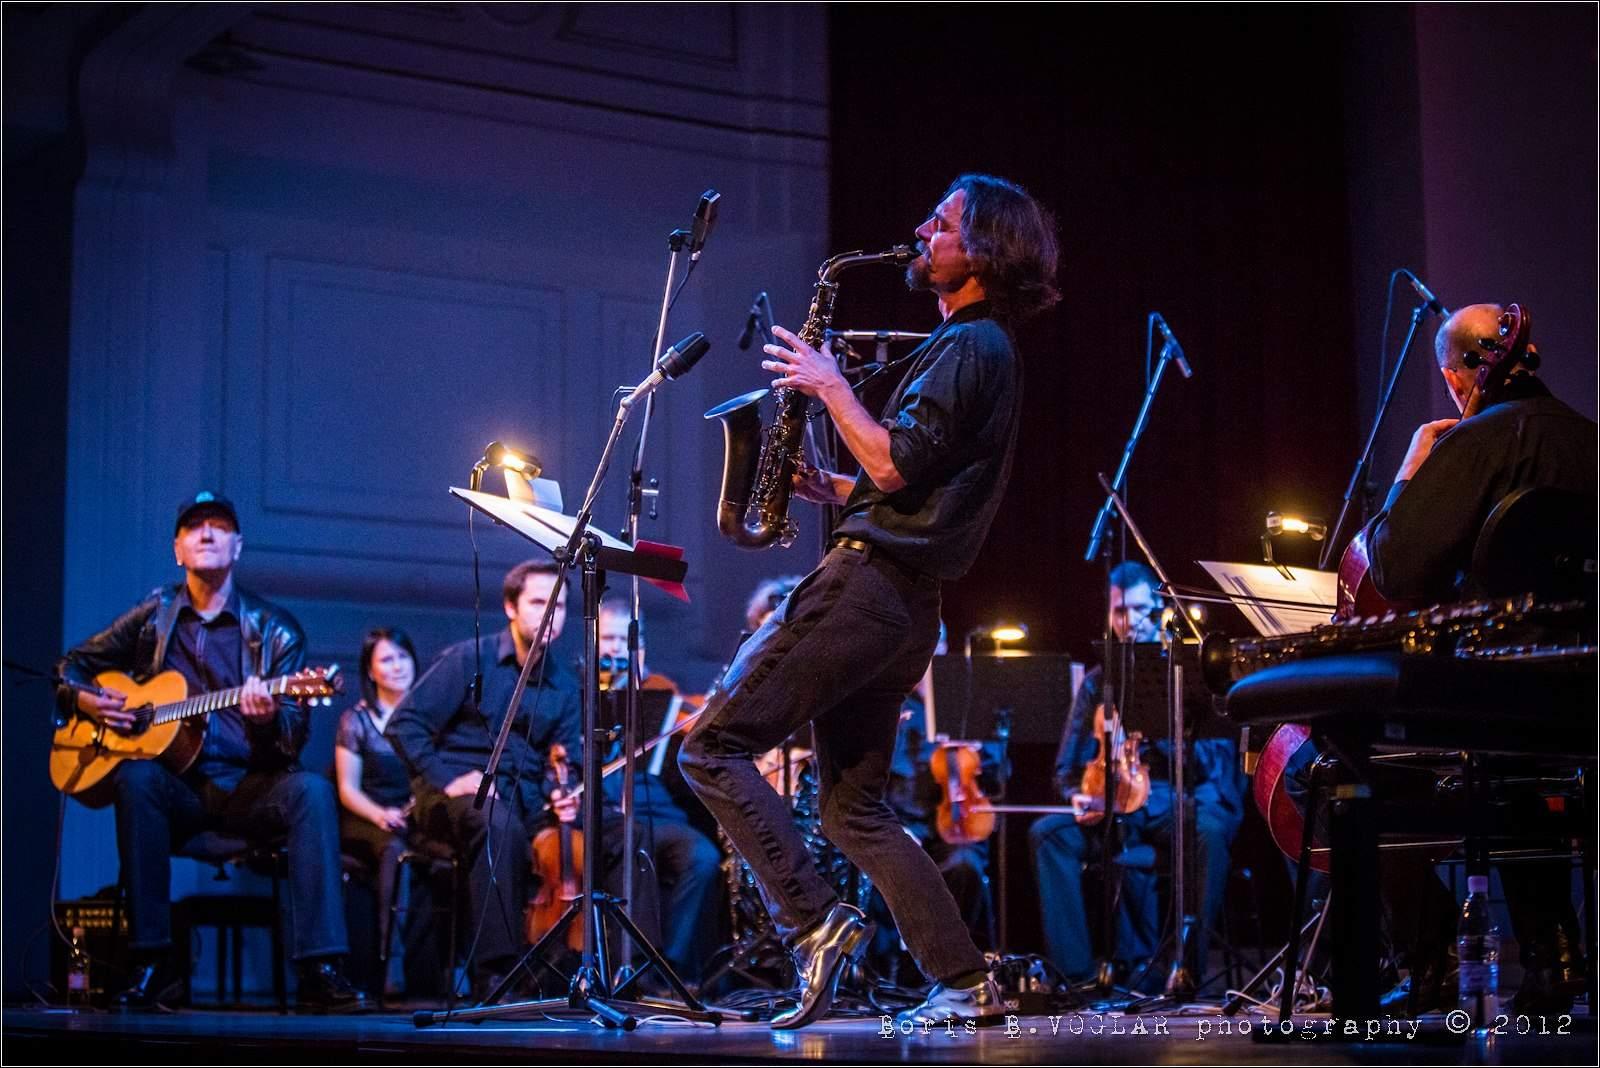 Fire & Ice - Vasko Atanasovski, Vlatko Stefanovski & Slovene Philharmonic String Chamber Orchestra